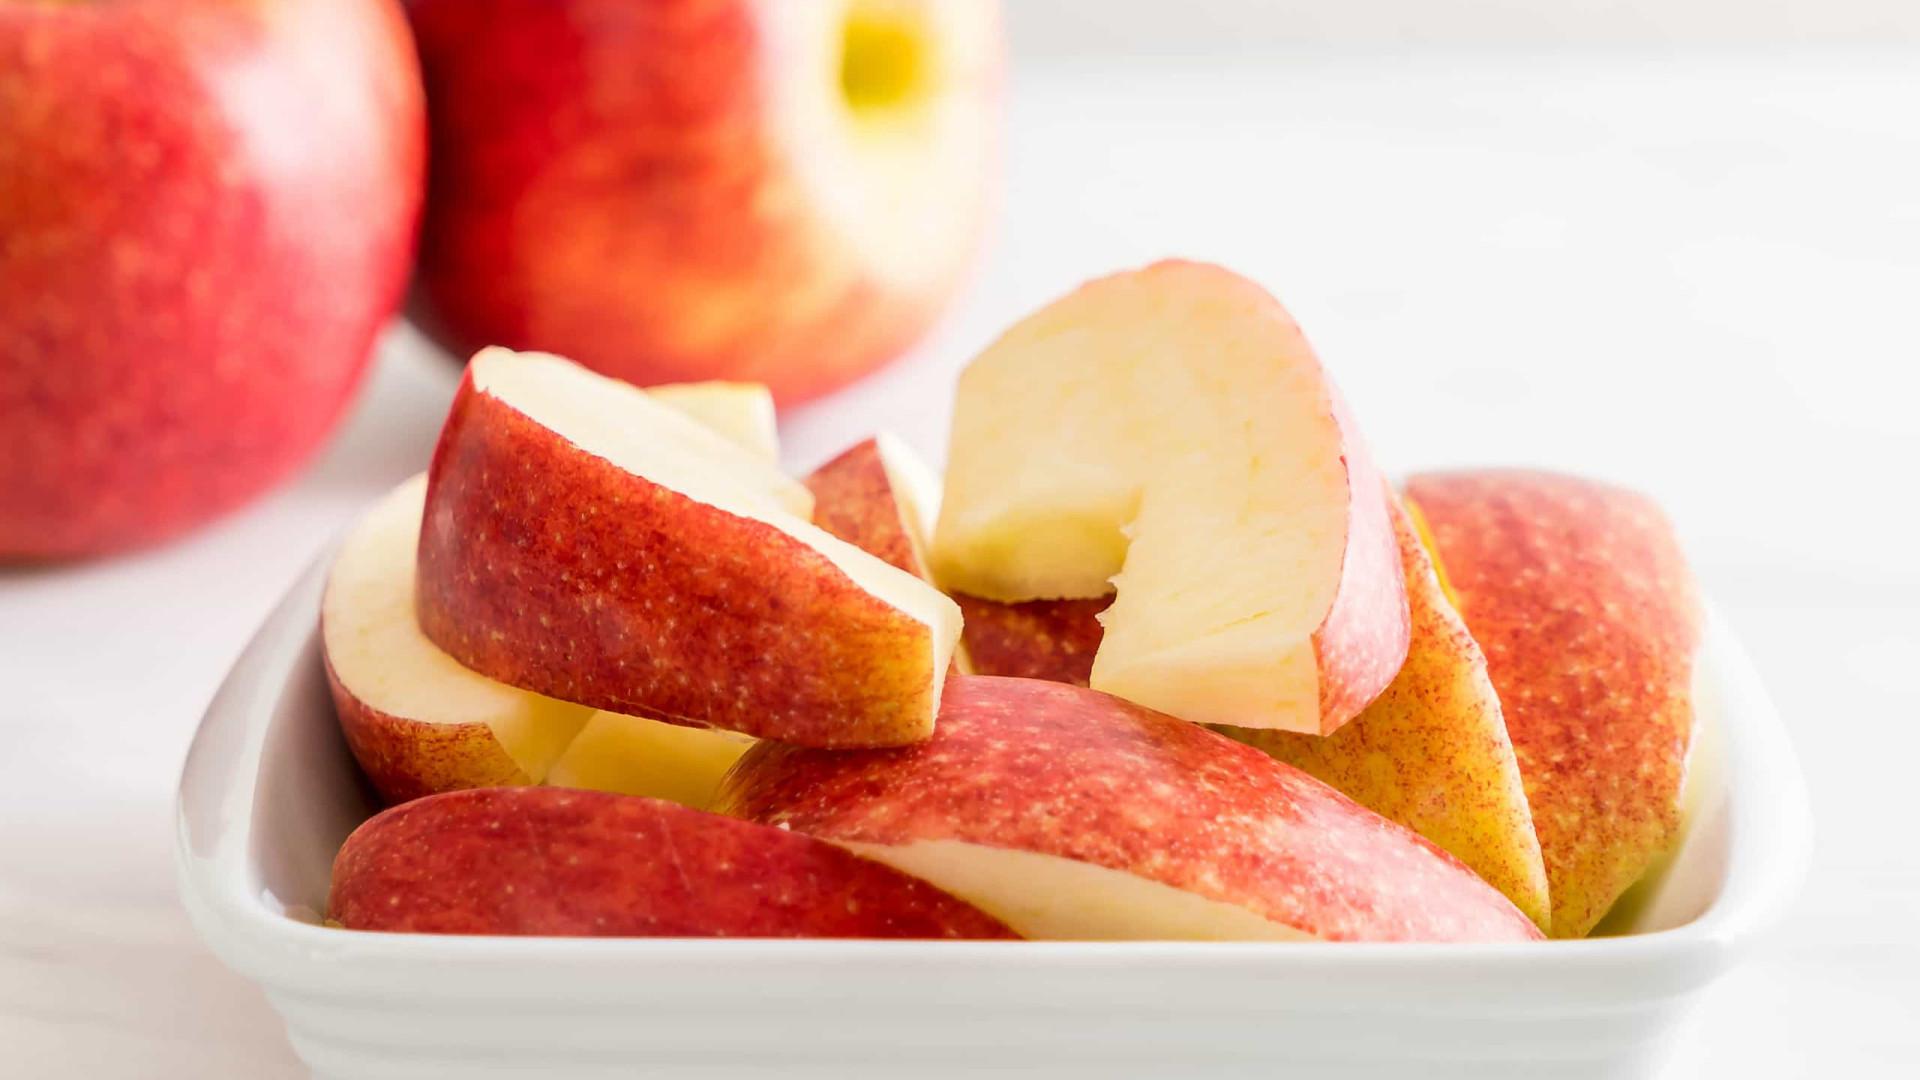 Truque simples para manter a fruta cortada sem oxidar